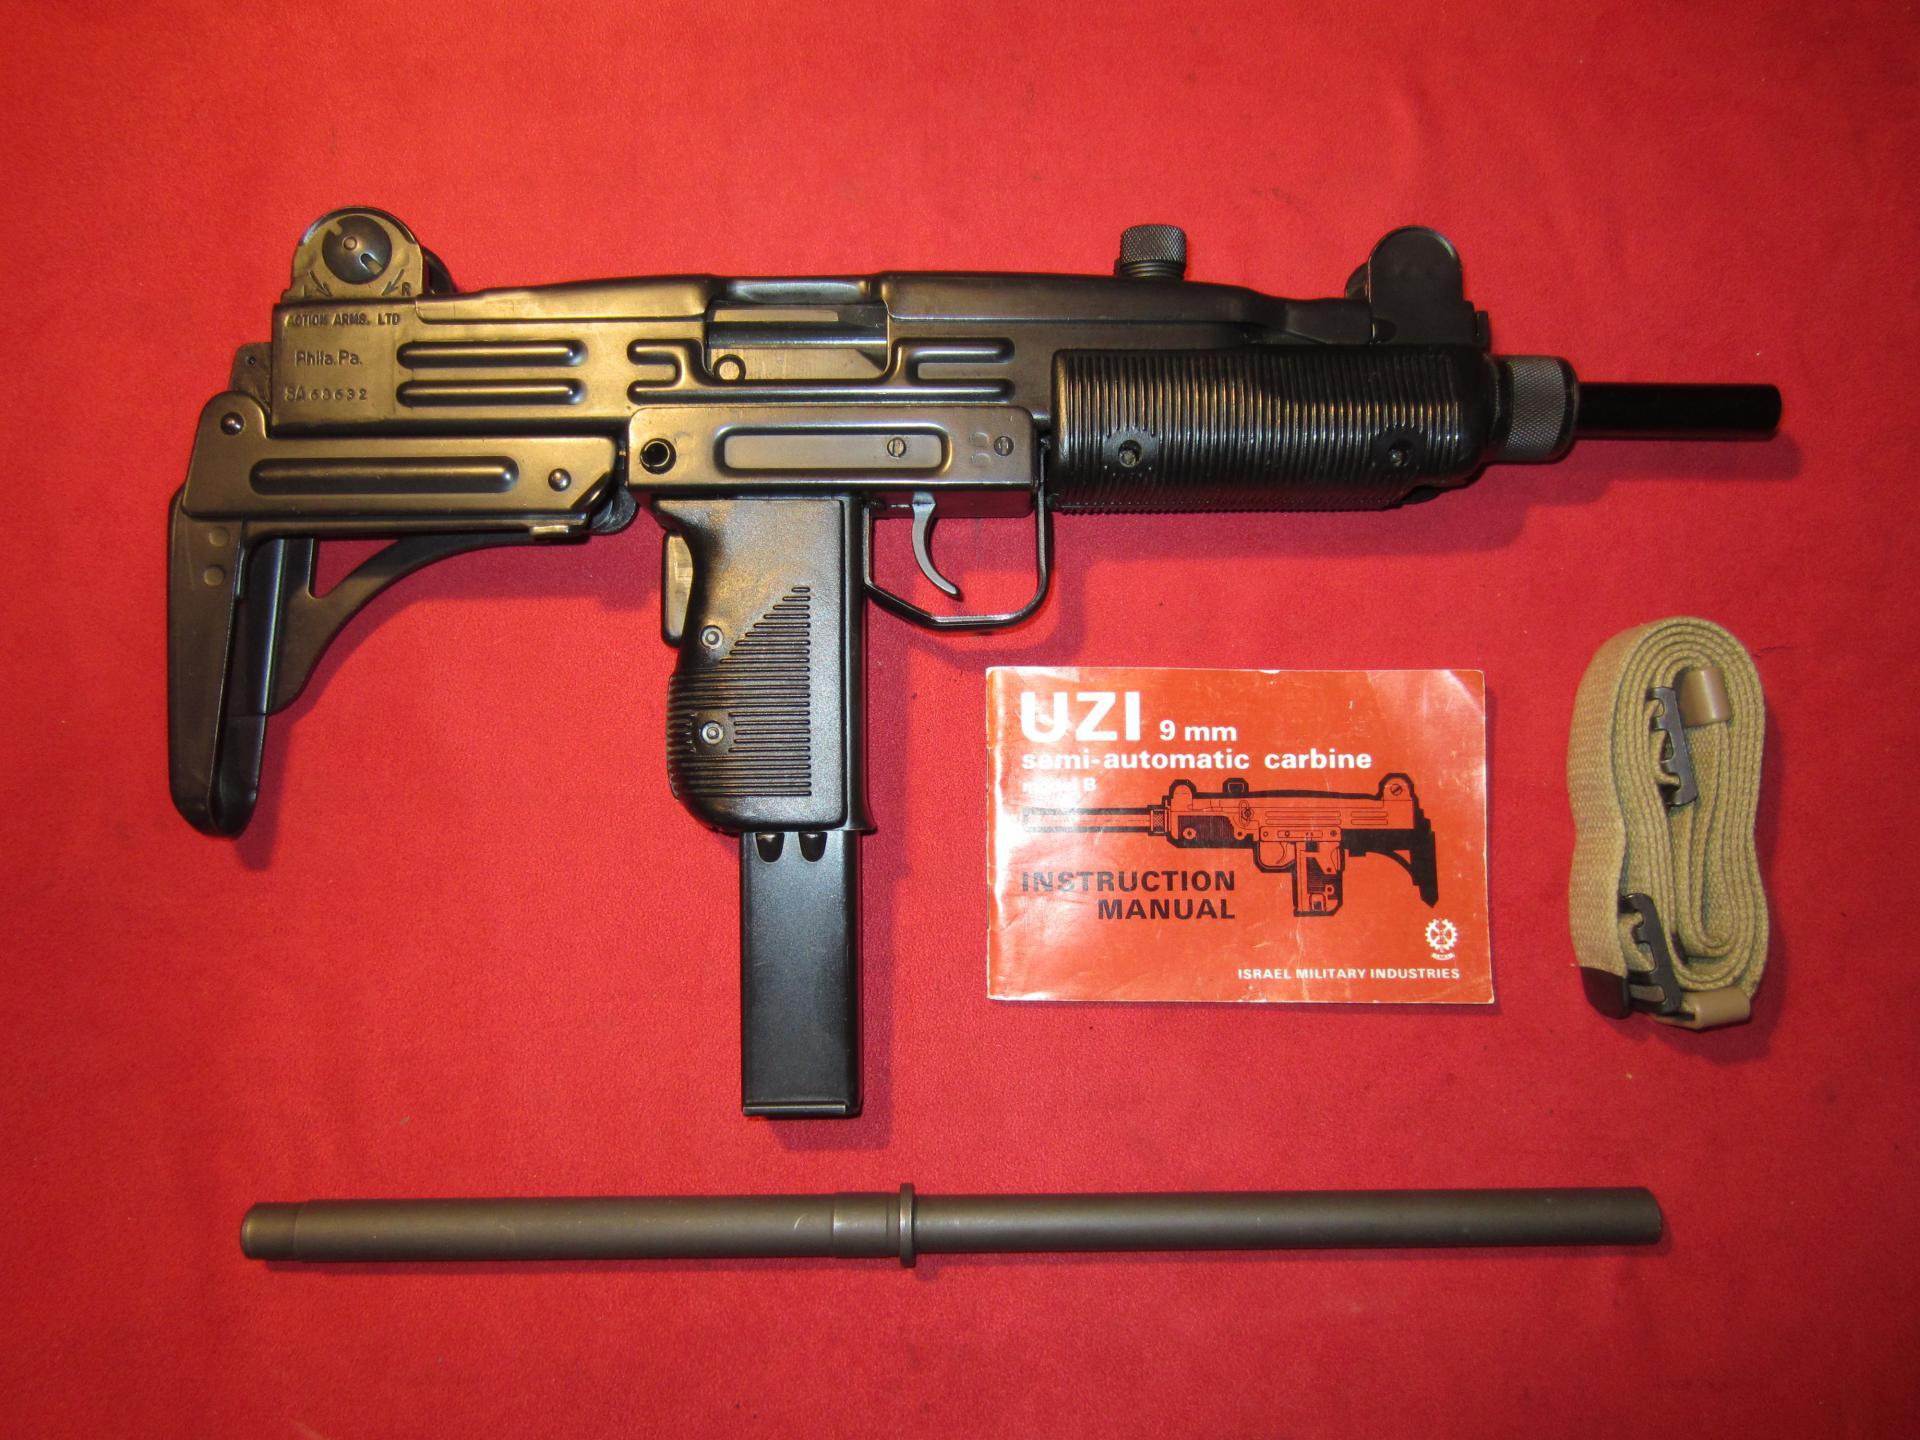 Like New IMI Uzi Model B Carbine 9mm with Extras - Semi-Auto